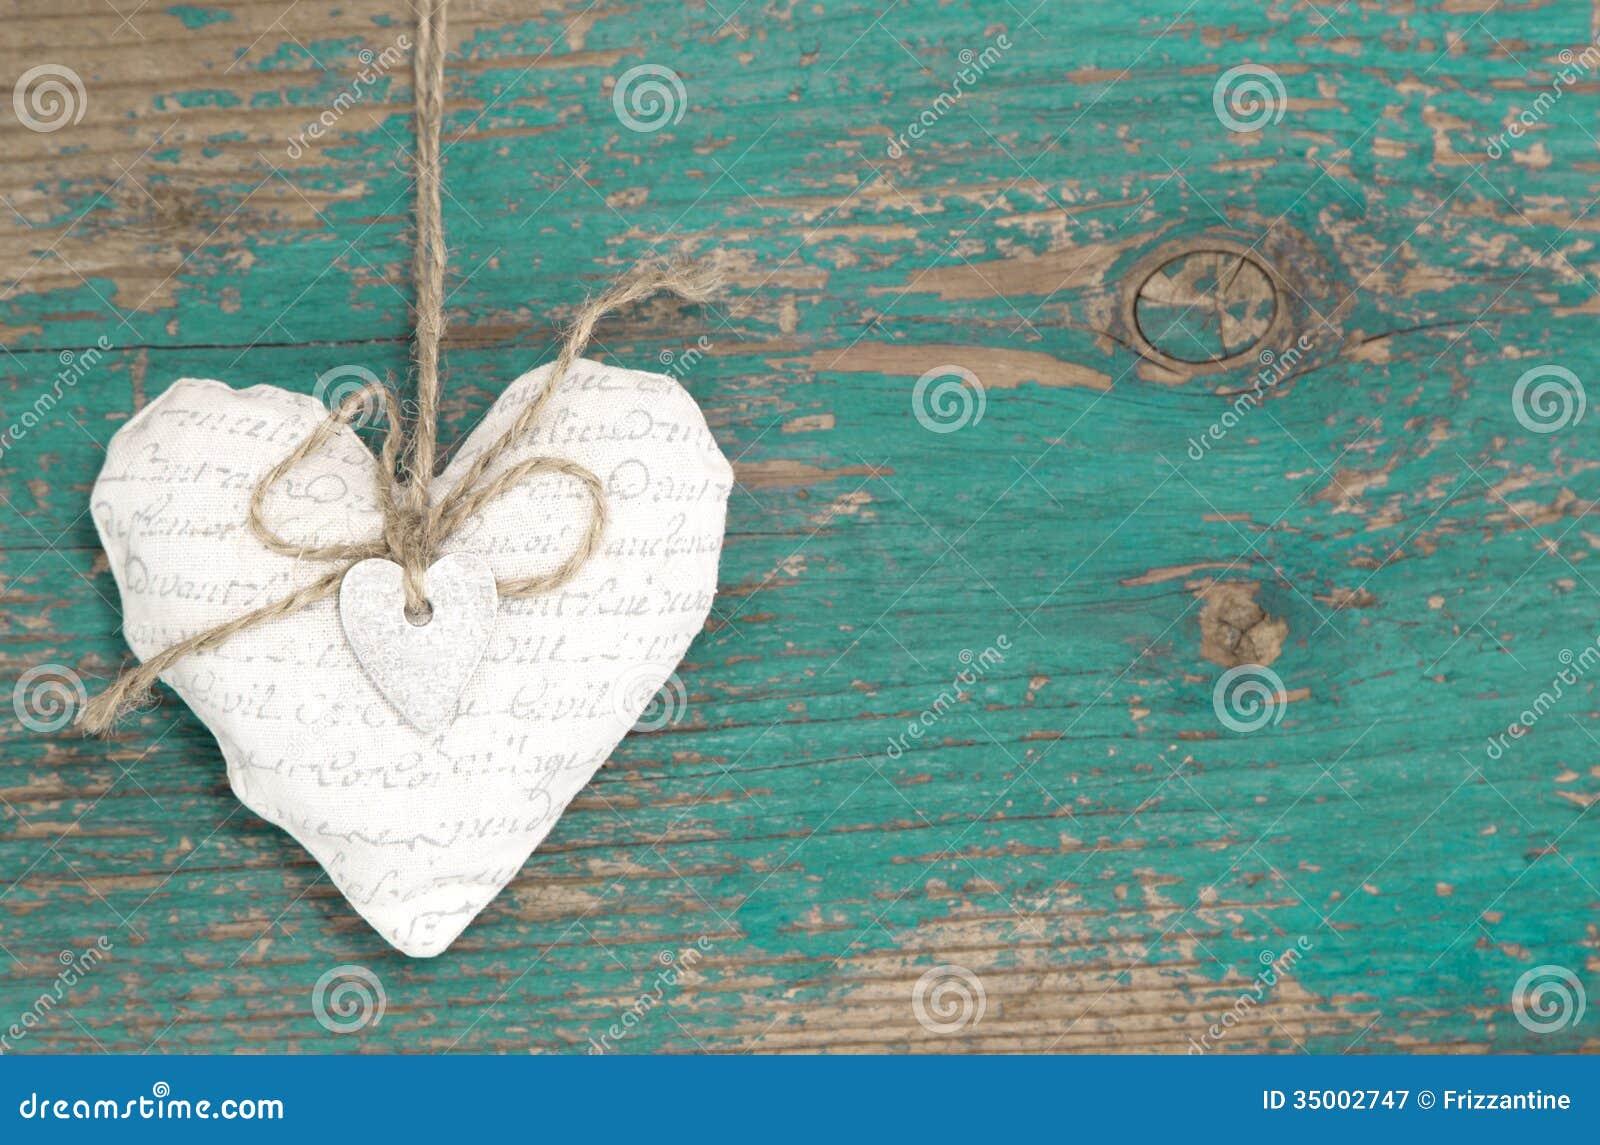 Κρεμώντας καρδιά και τυρκουάζ ξύλινο υπόβαθρο στο ύφος χωρών.